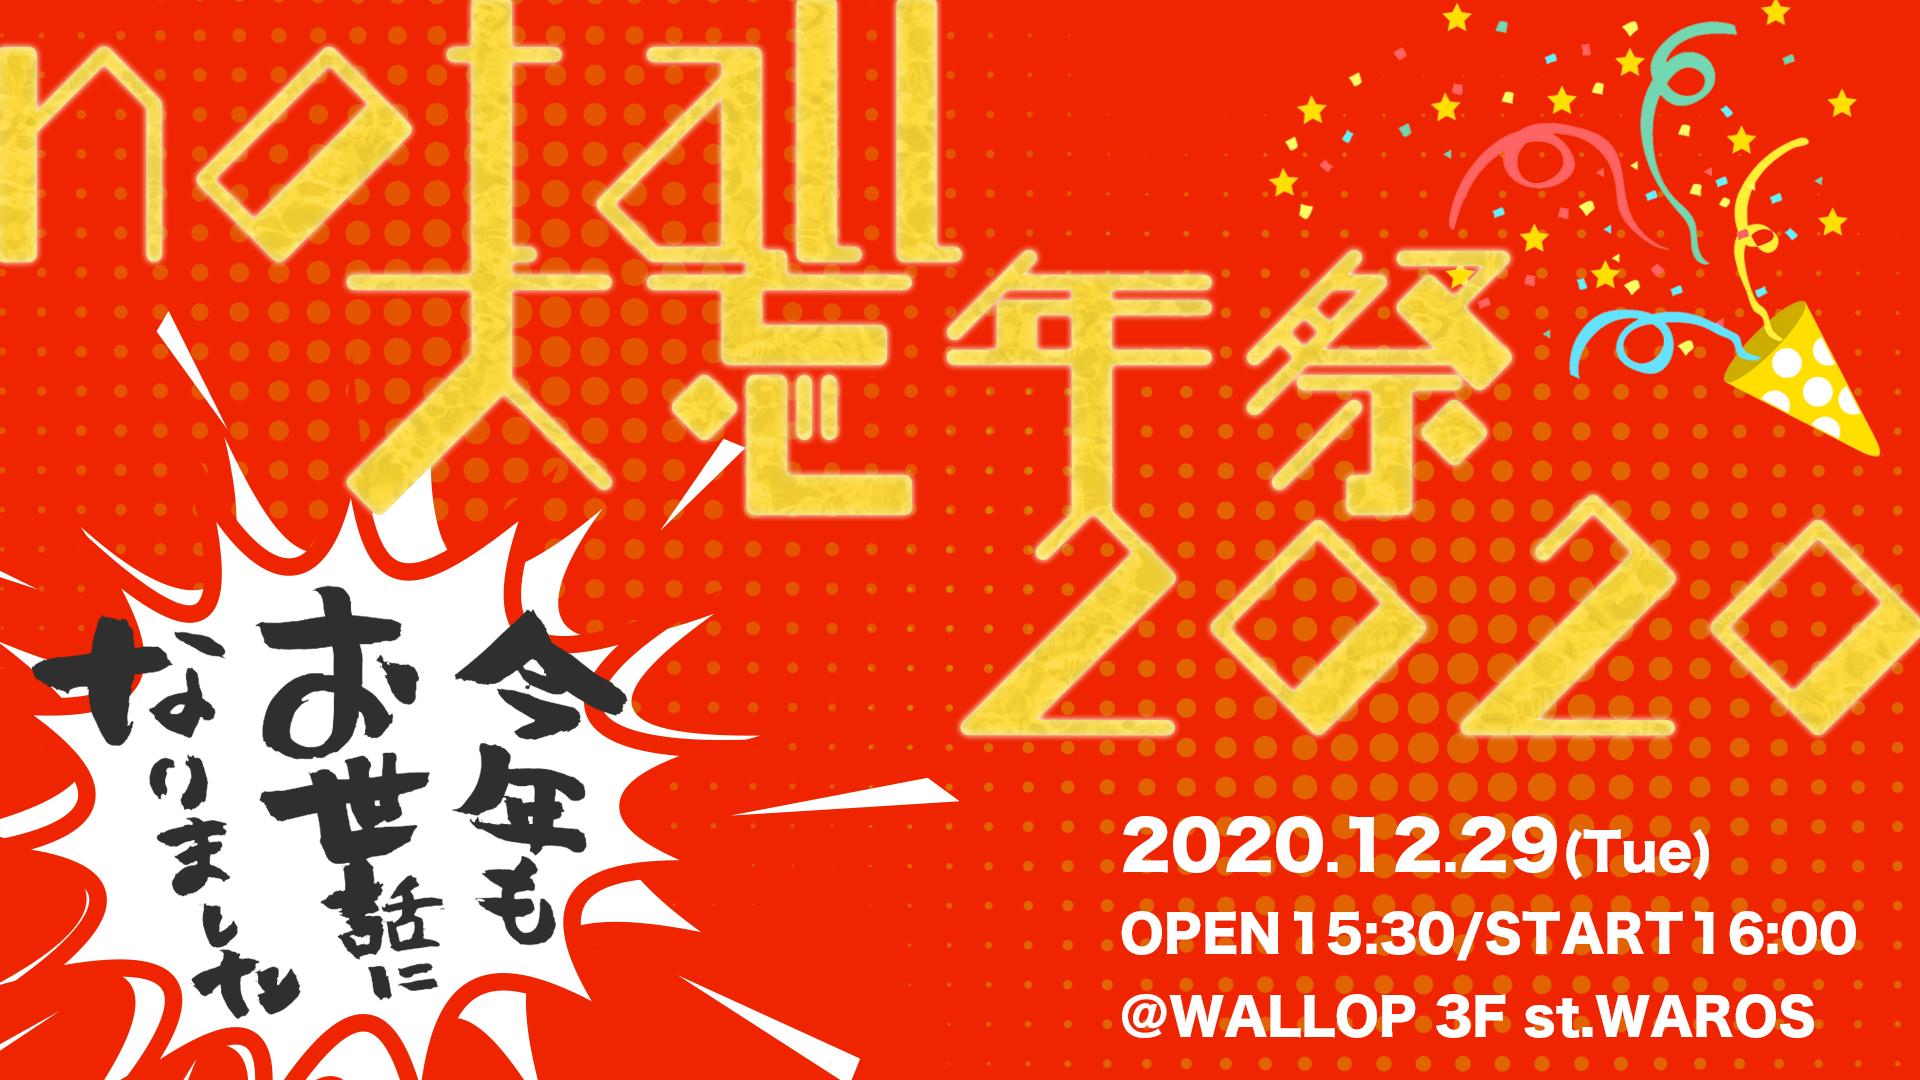 【2020/12/29:2部チケット】notall大忘年祭2020